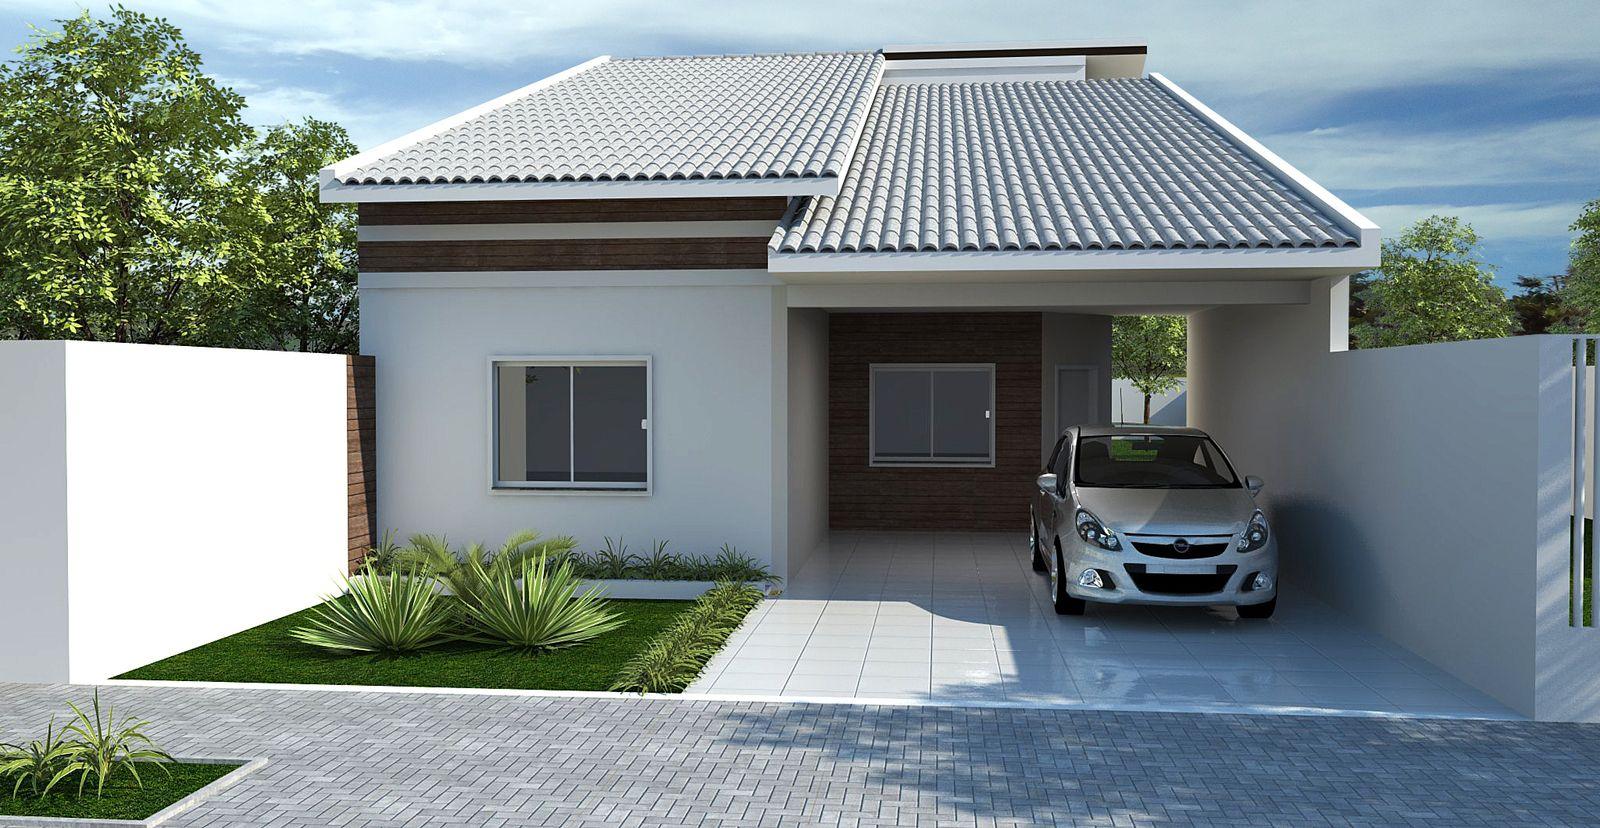 Muito Fotos de telhados casas simples e pequenas | Casas simples  QZ59